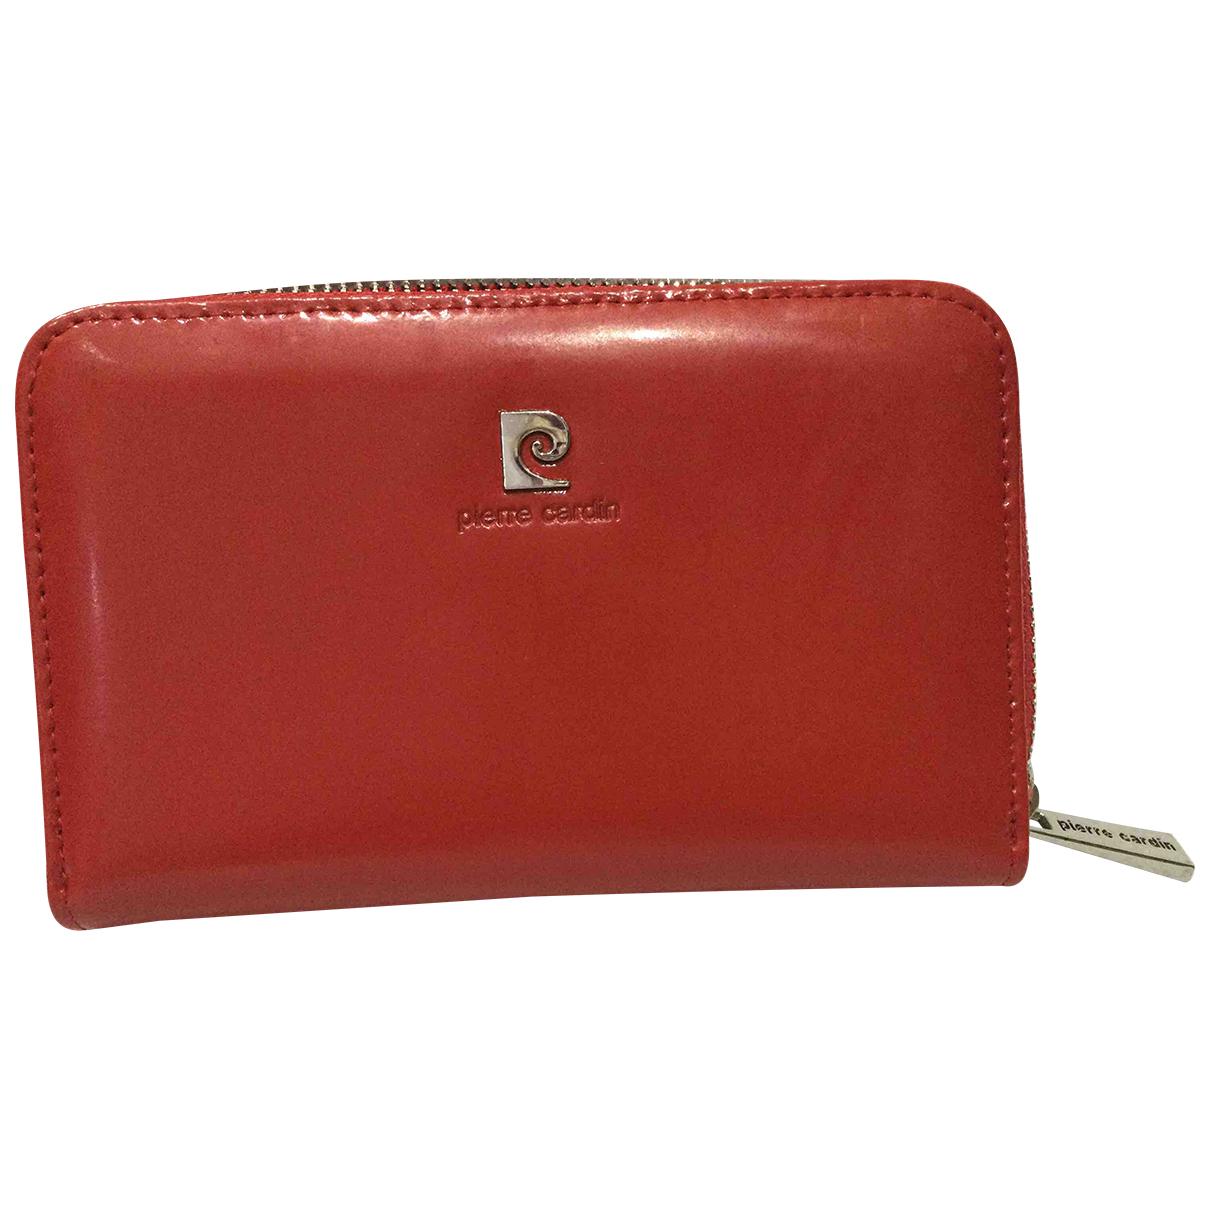 Pierre Cardin - Portefeuille   pour femme en cuir verni - rouge